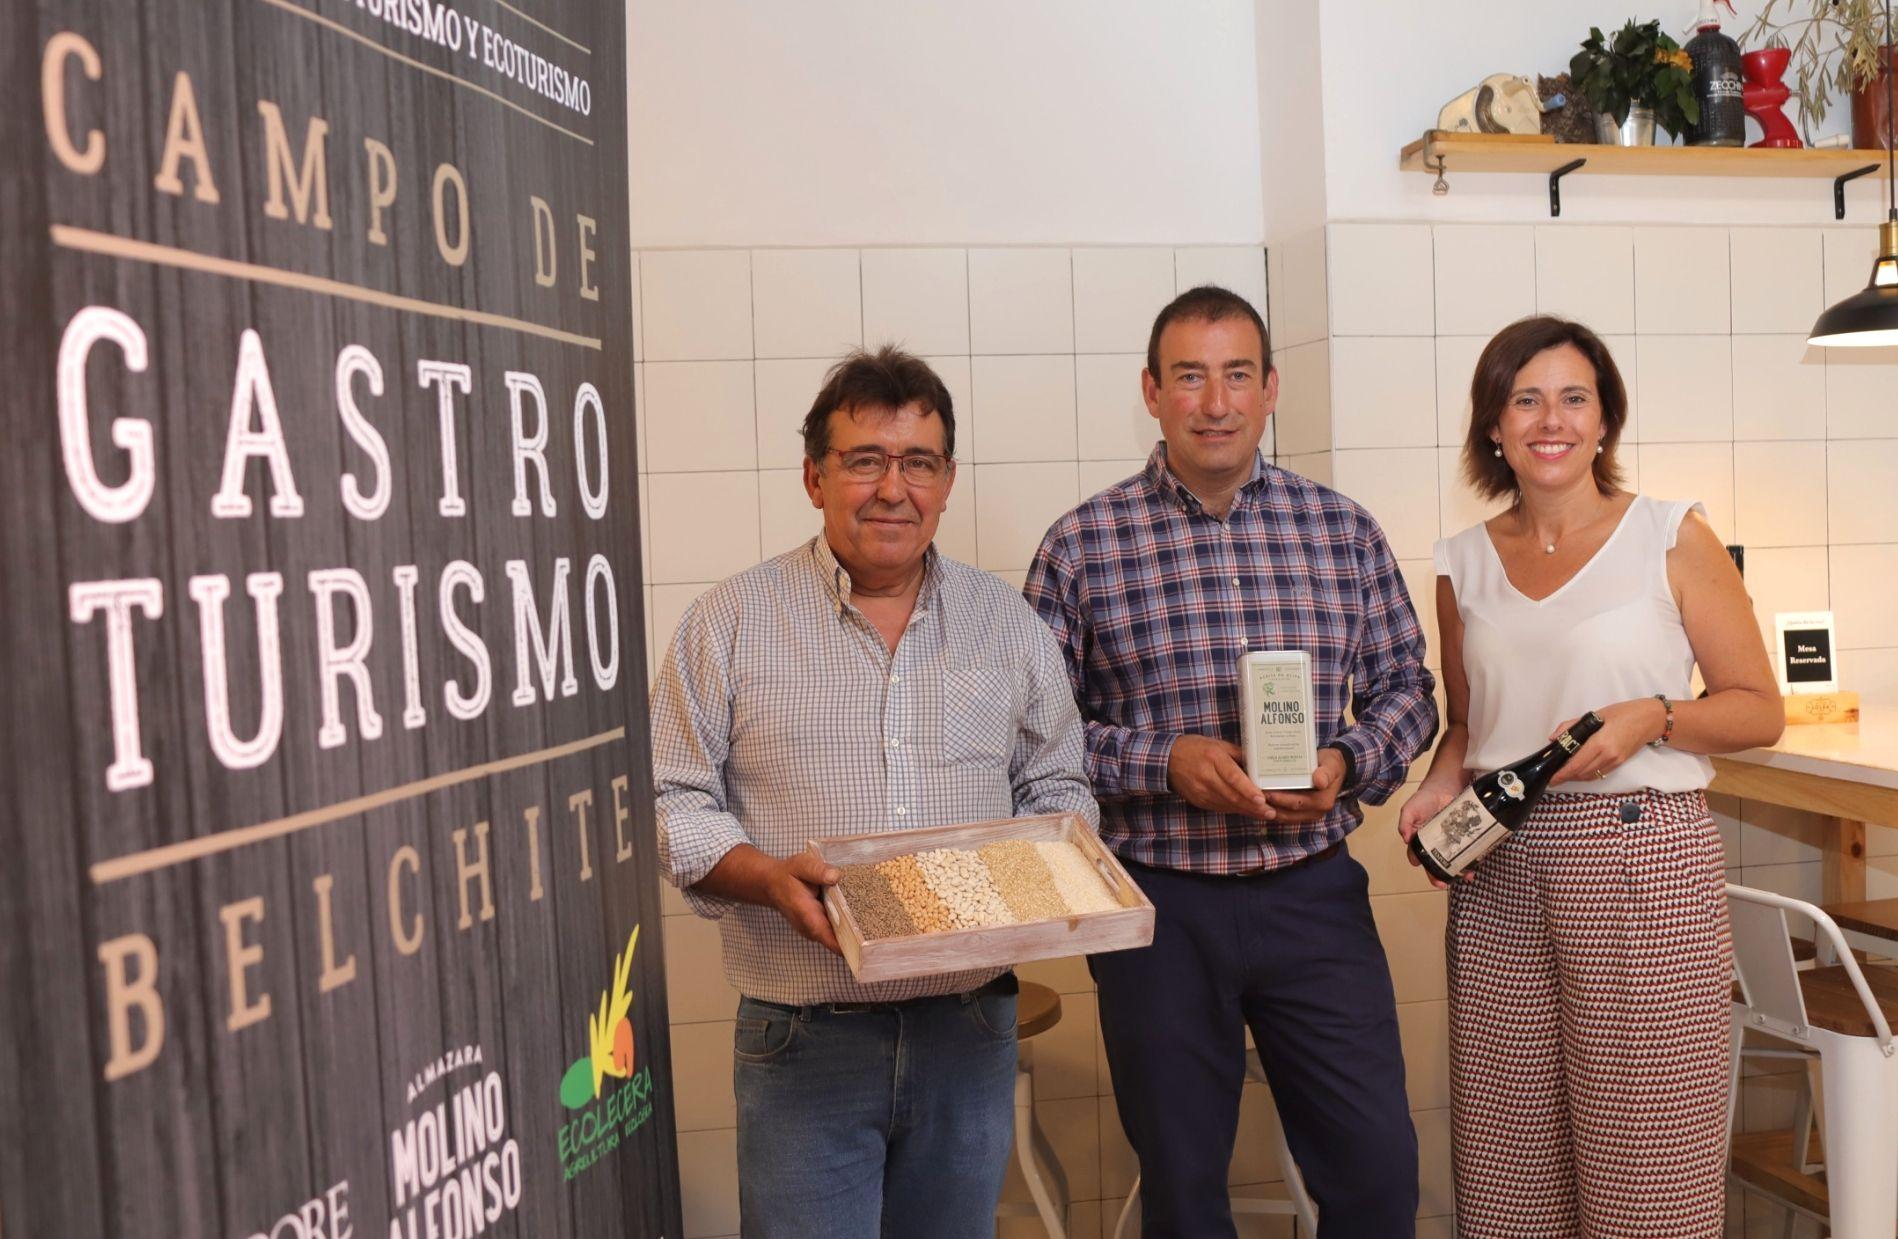 Gabinete de marketing estratégico, prensa y comunicación del proyecto Gastroturismo Campo de Belchite. Presentación a prensa del proyecto